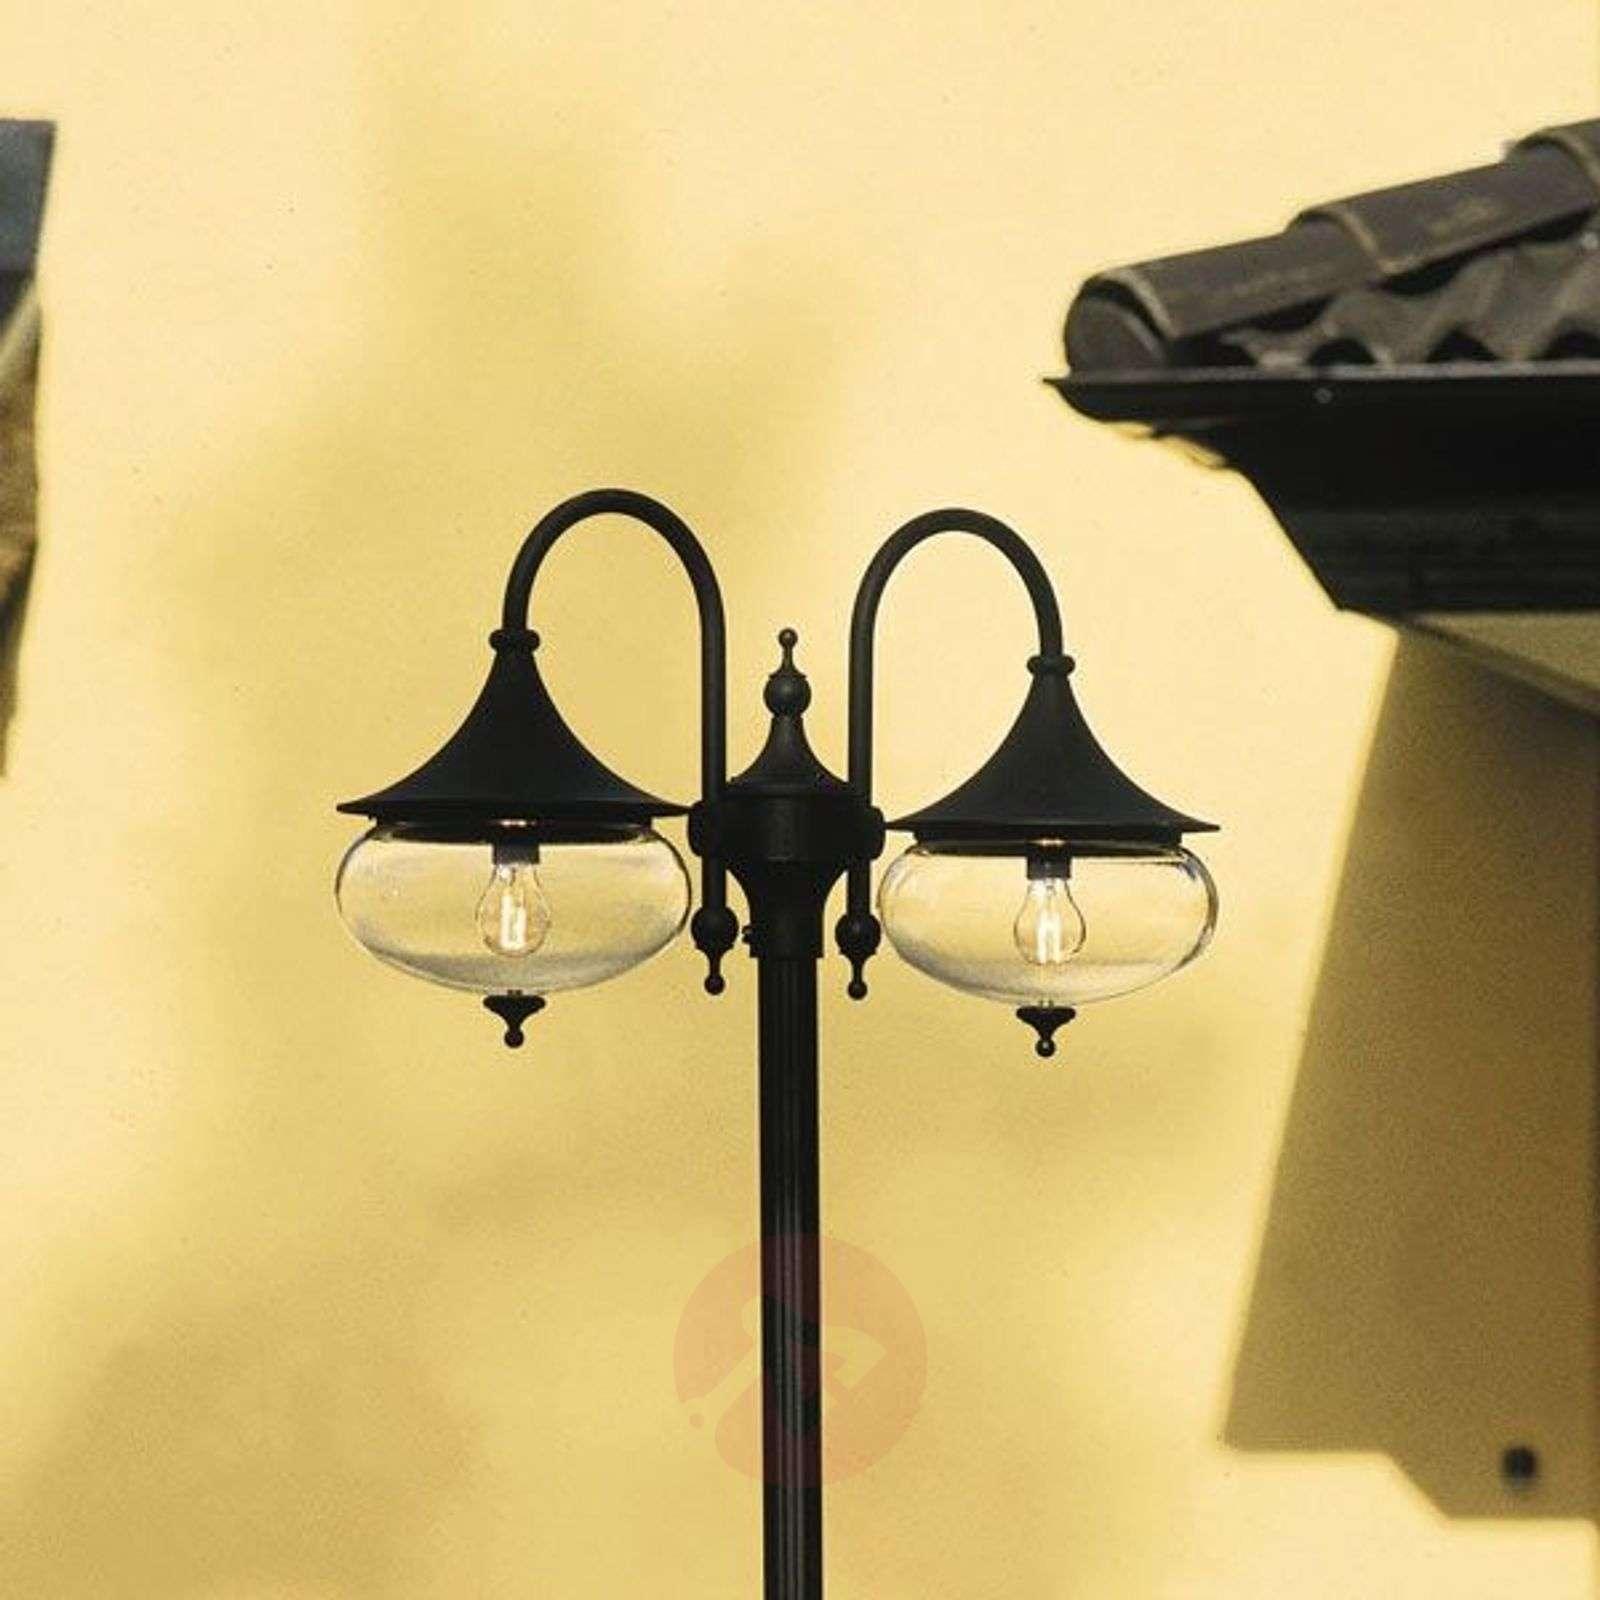 Vaikuttava lyhtypylväs LIBRA kaksilamppuinen-5522307X-01